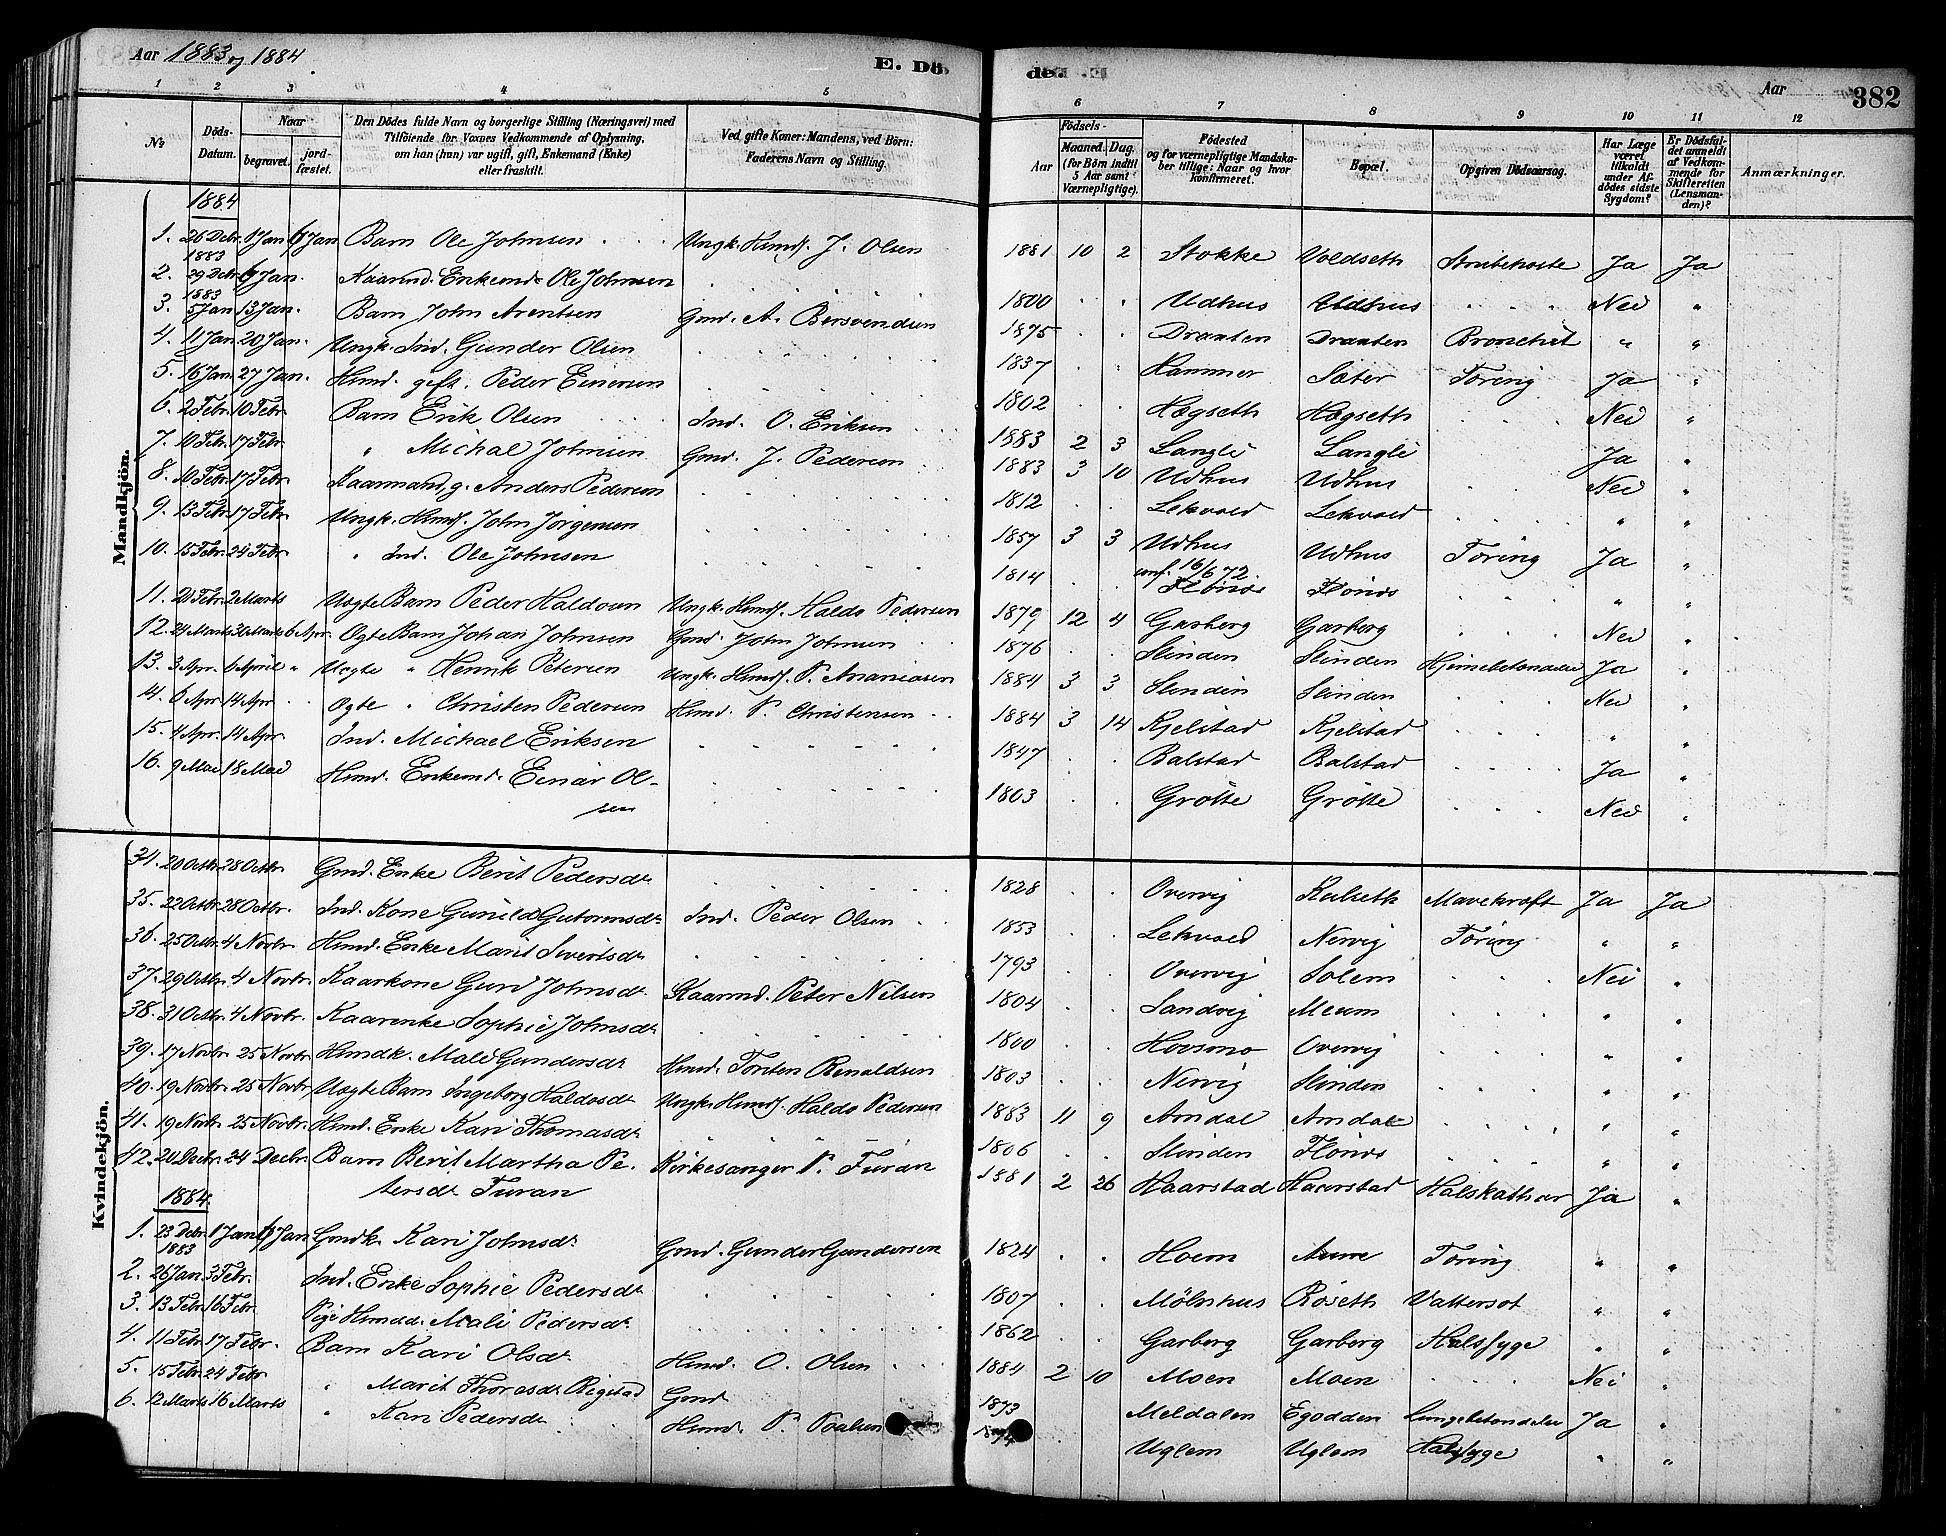 SAT, Ministerialprotokoller, klokkerbøker og fødselsregistre - Sør-Trøndelag, 695/L1148: Ministerialbok nr. 695A08, 1878-1891, s. 382